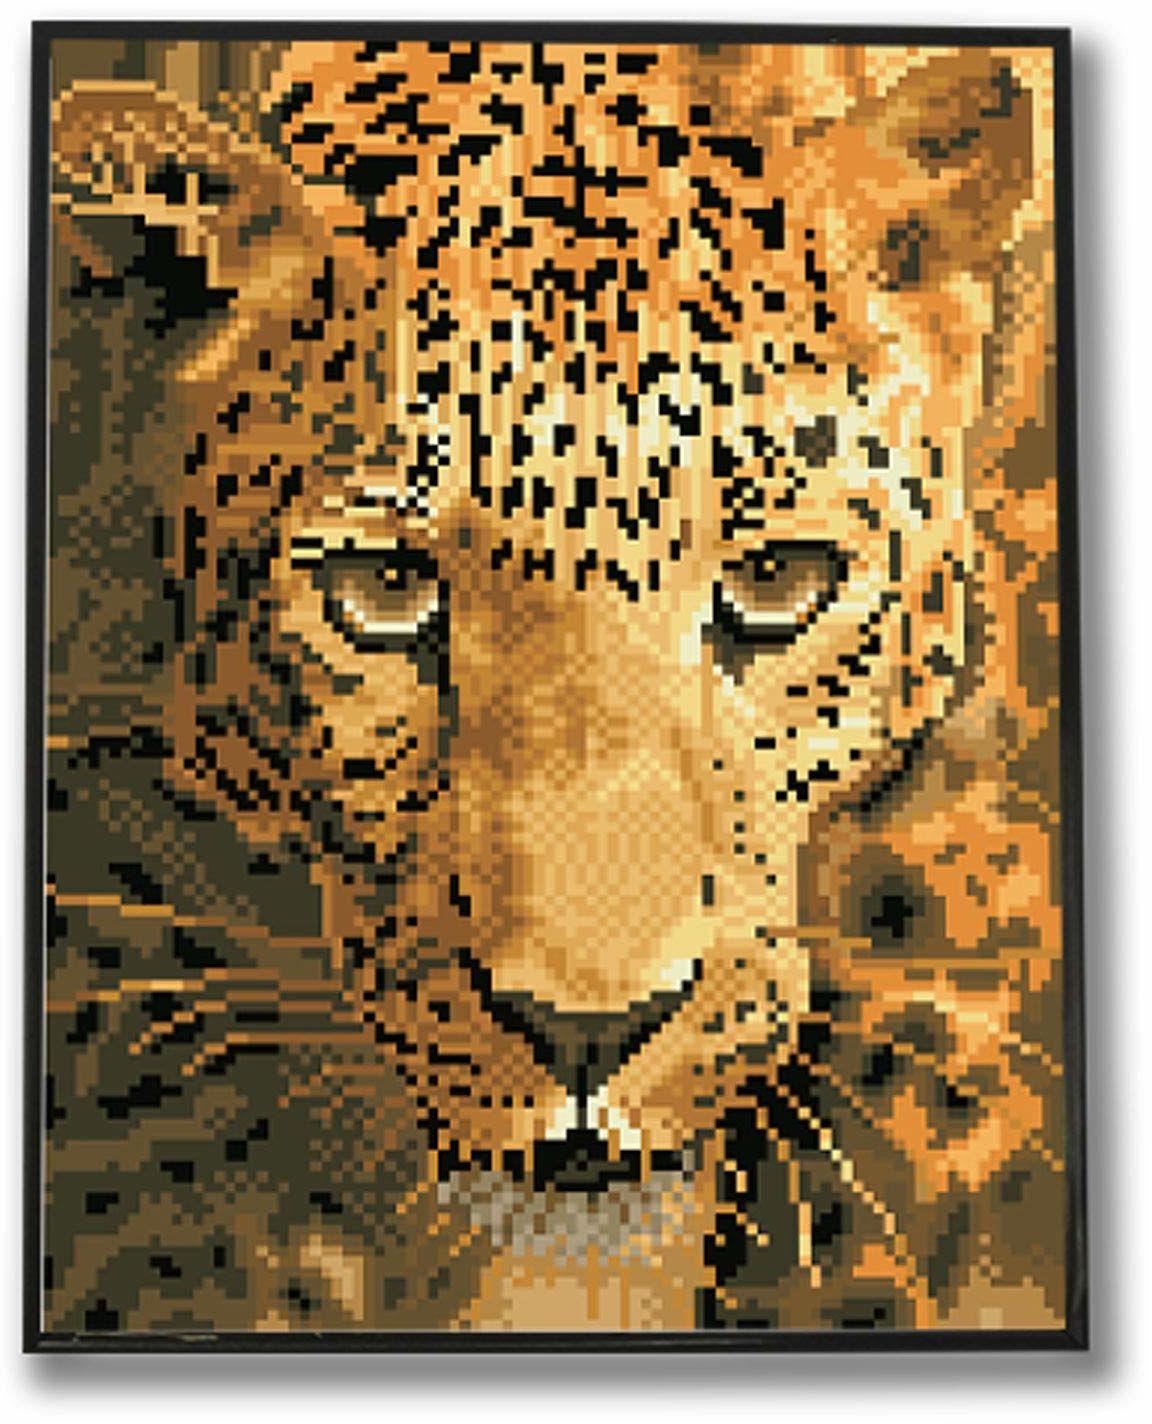 Diamond Dotz DDK6-005 Jaguar Prowl z ramą, ok. 36,7 x 28,7 cm, malowanie diamentowe z diamentami, błyszczący obraz do samodzielnego wykonania, dla dzieci i dorosłych, kolorowe